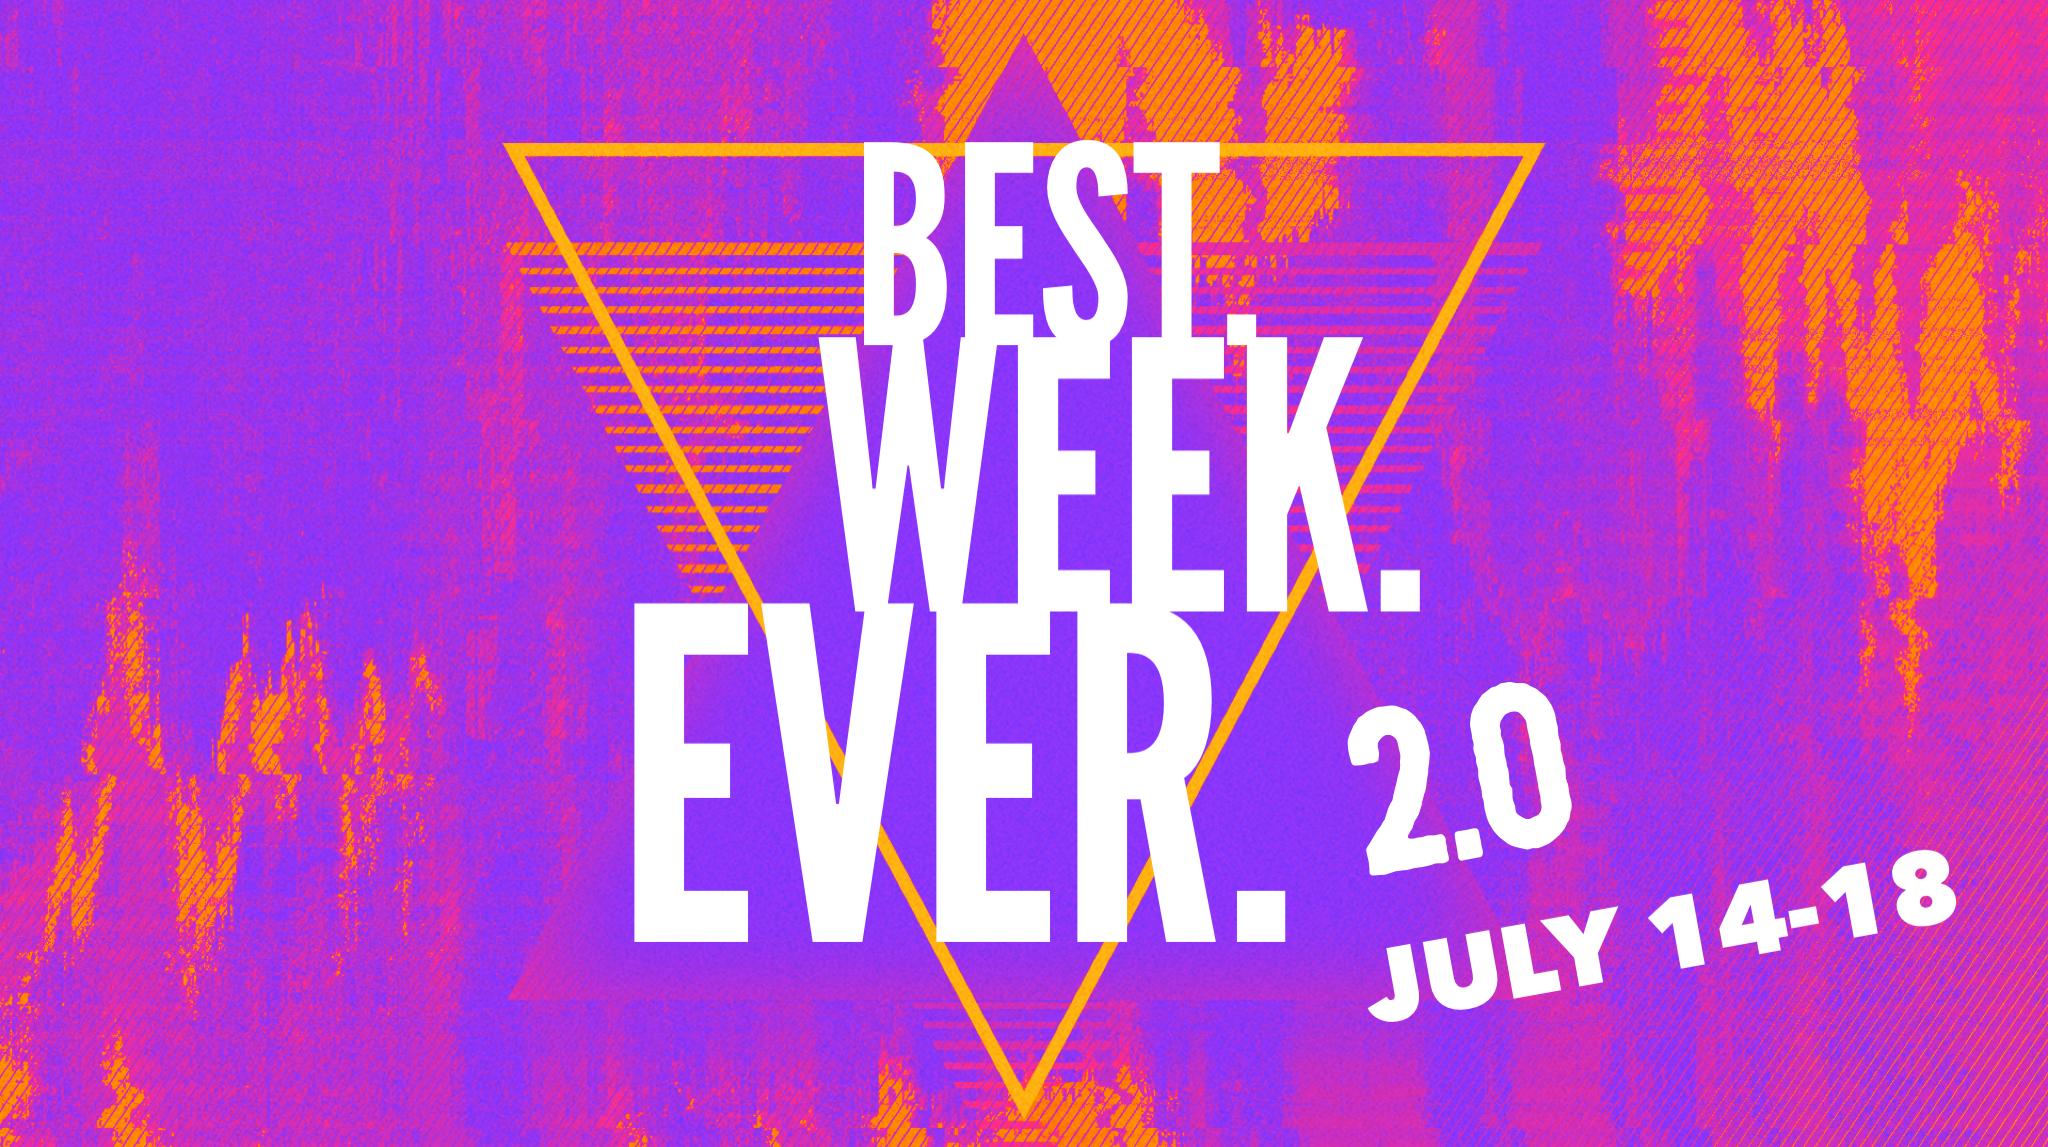 Best. Week. Ever. 2.0